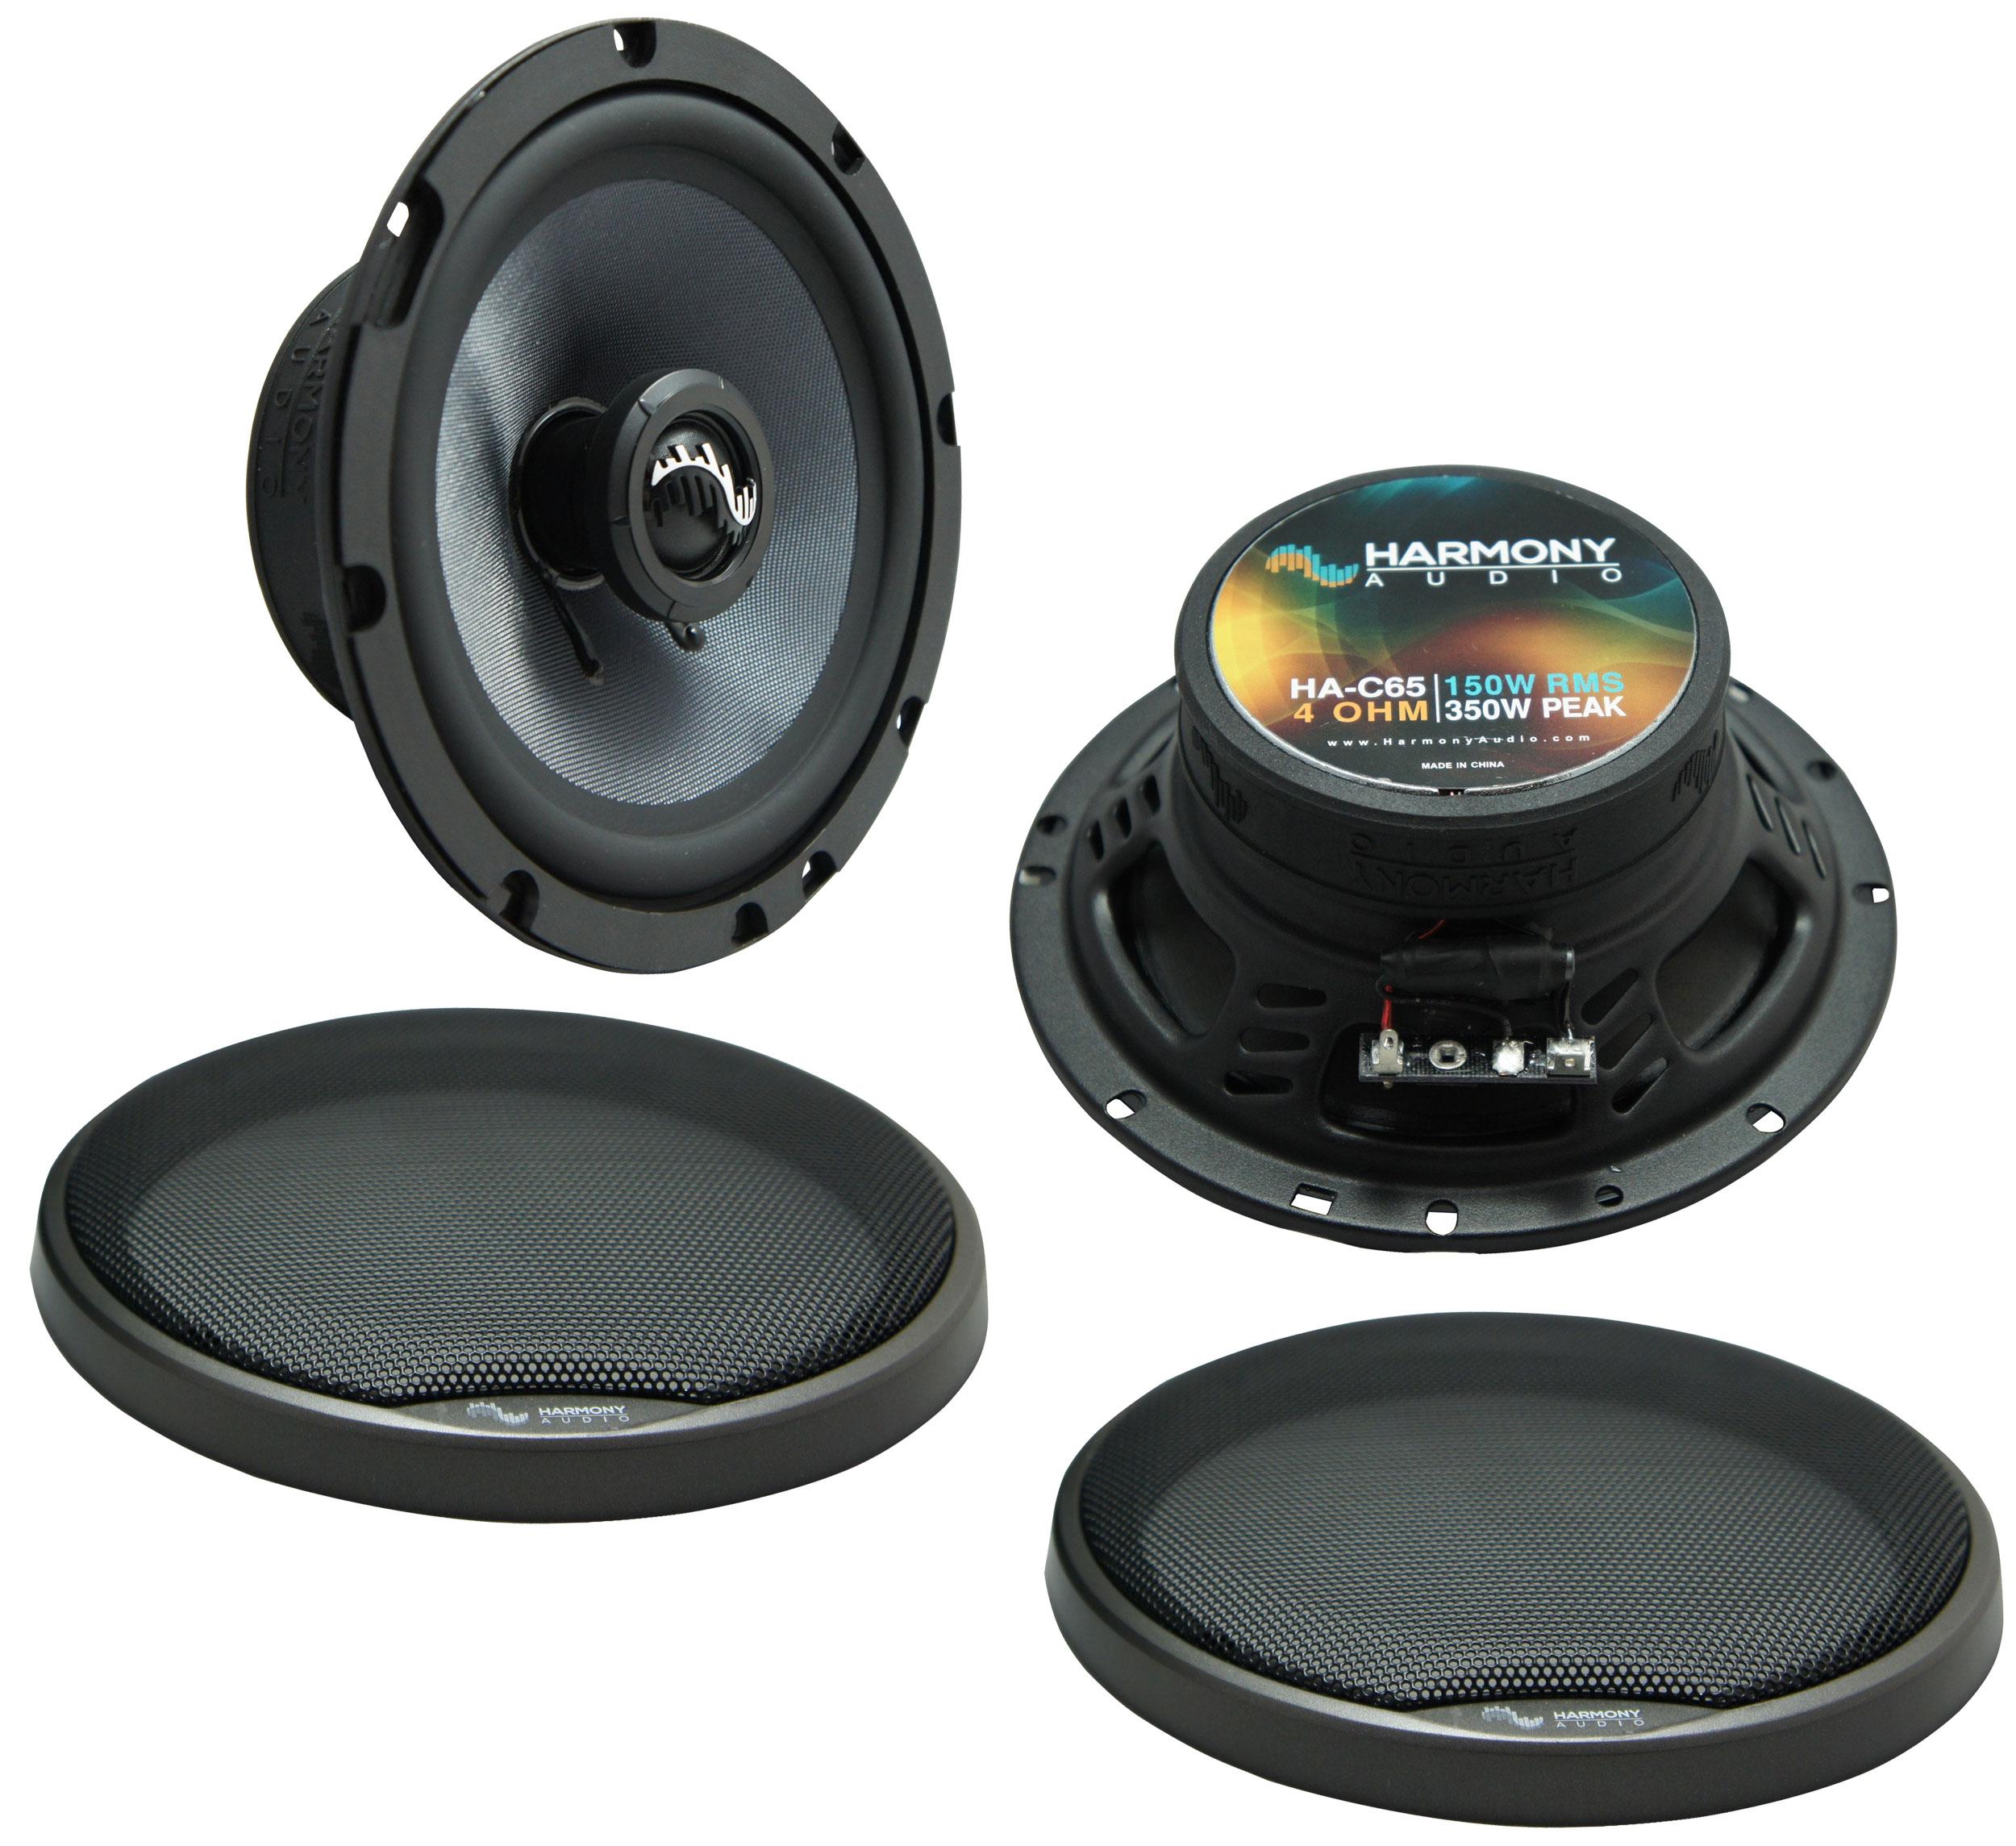 Fits Chrysler Prowler 1997-2002 Front Door Replacement Harmony HA-C65 Premium Speakers